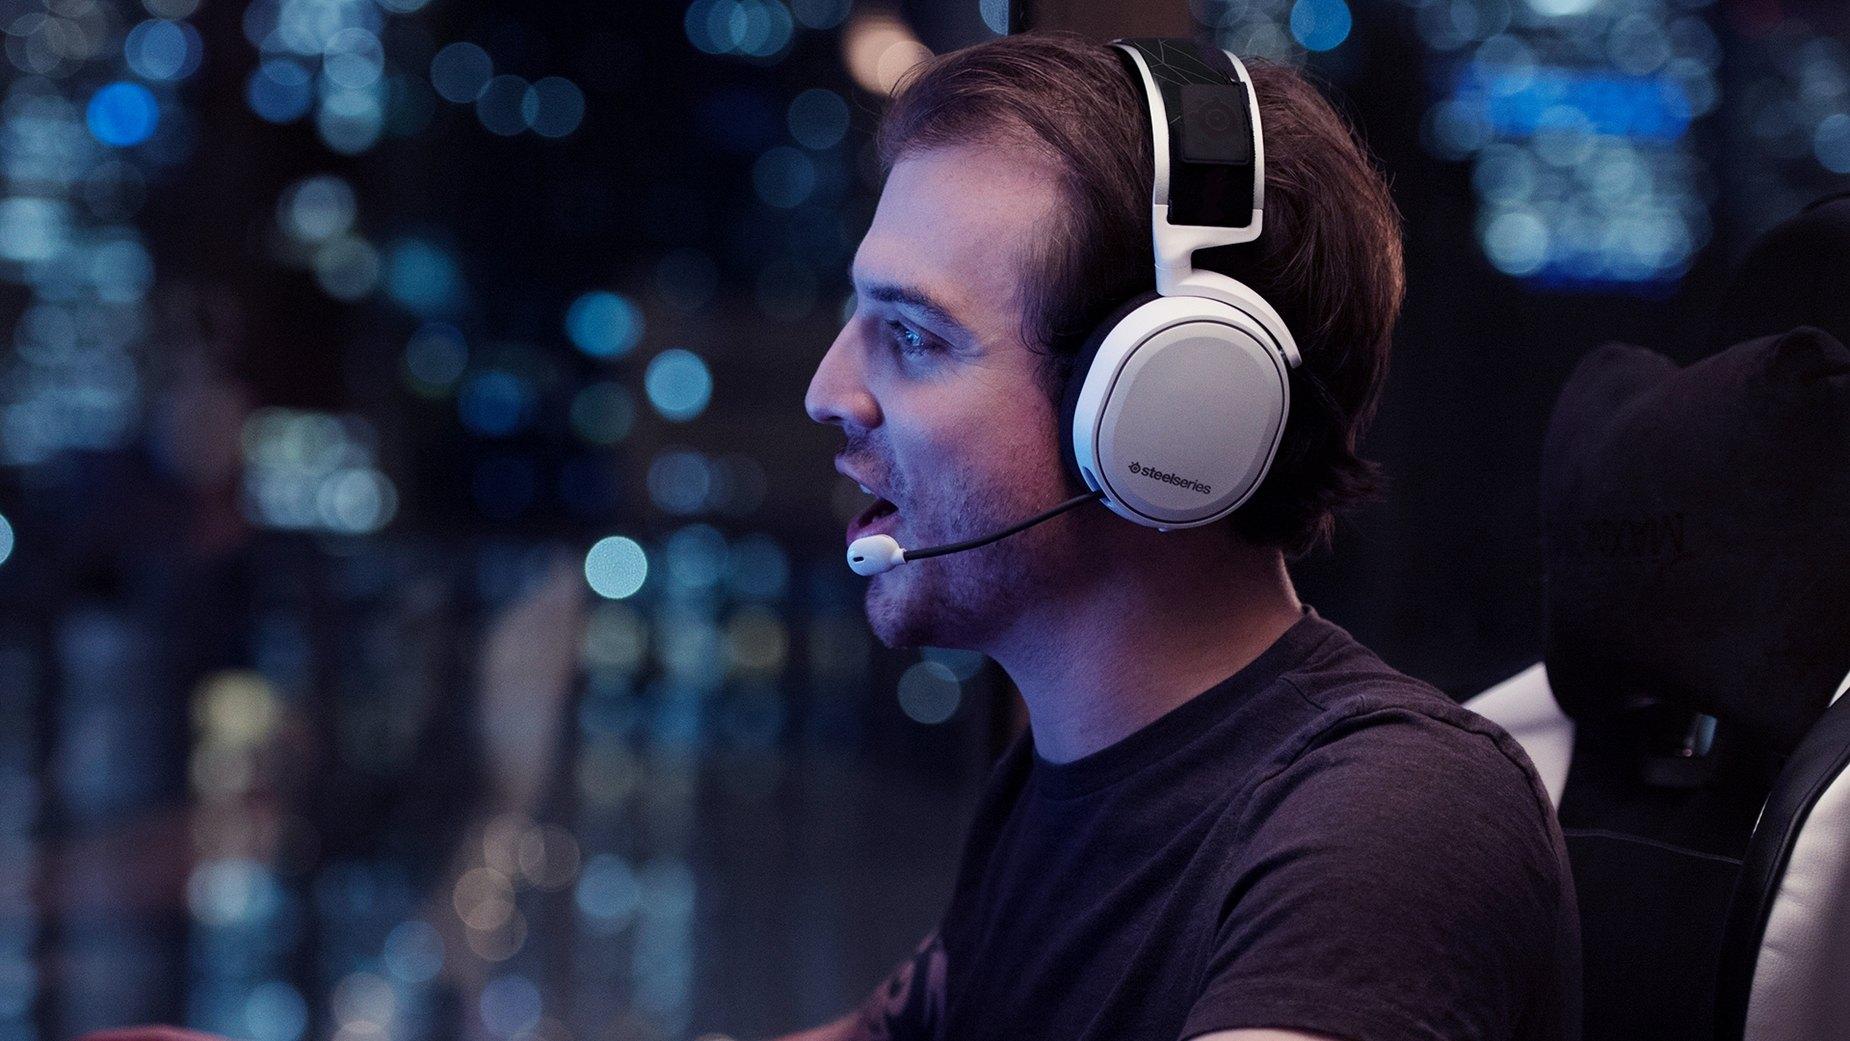 穿戴白色 Arctis 7 耳機麥克風的玩家正在競賽中玩遊戲